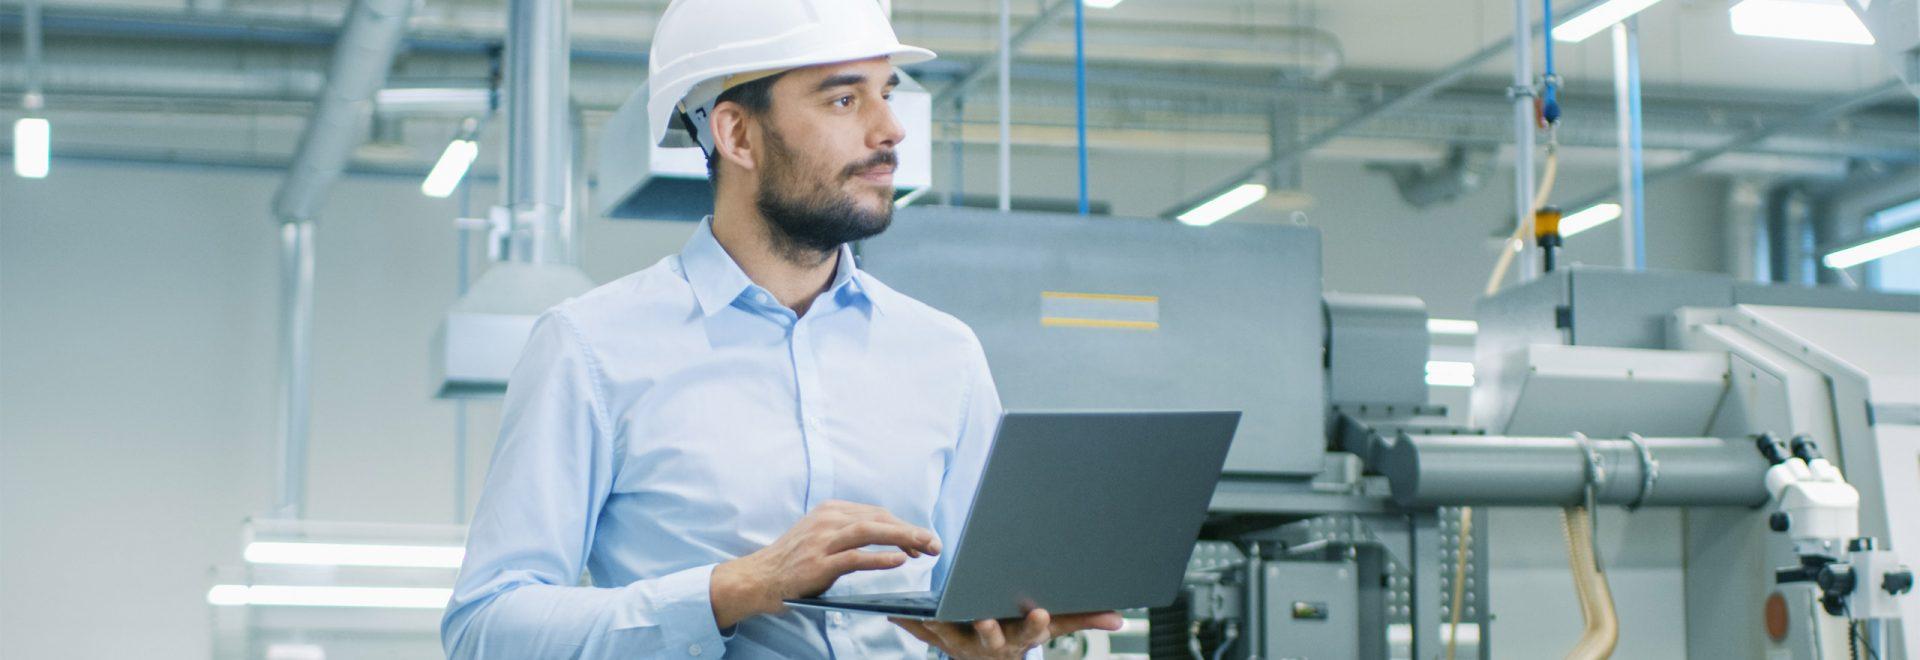 industrie-digitalisierung-ondeso-it